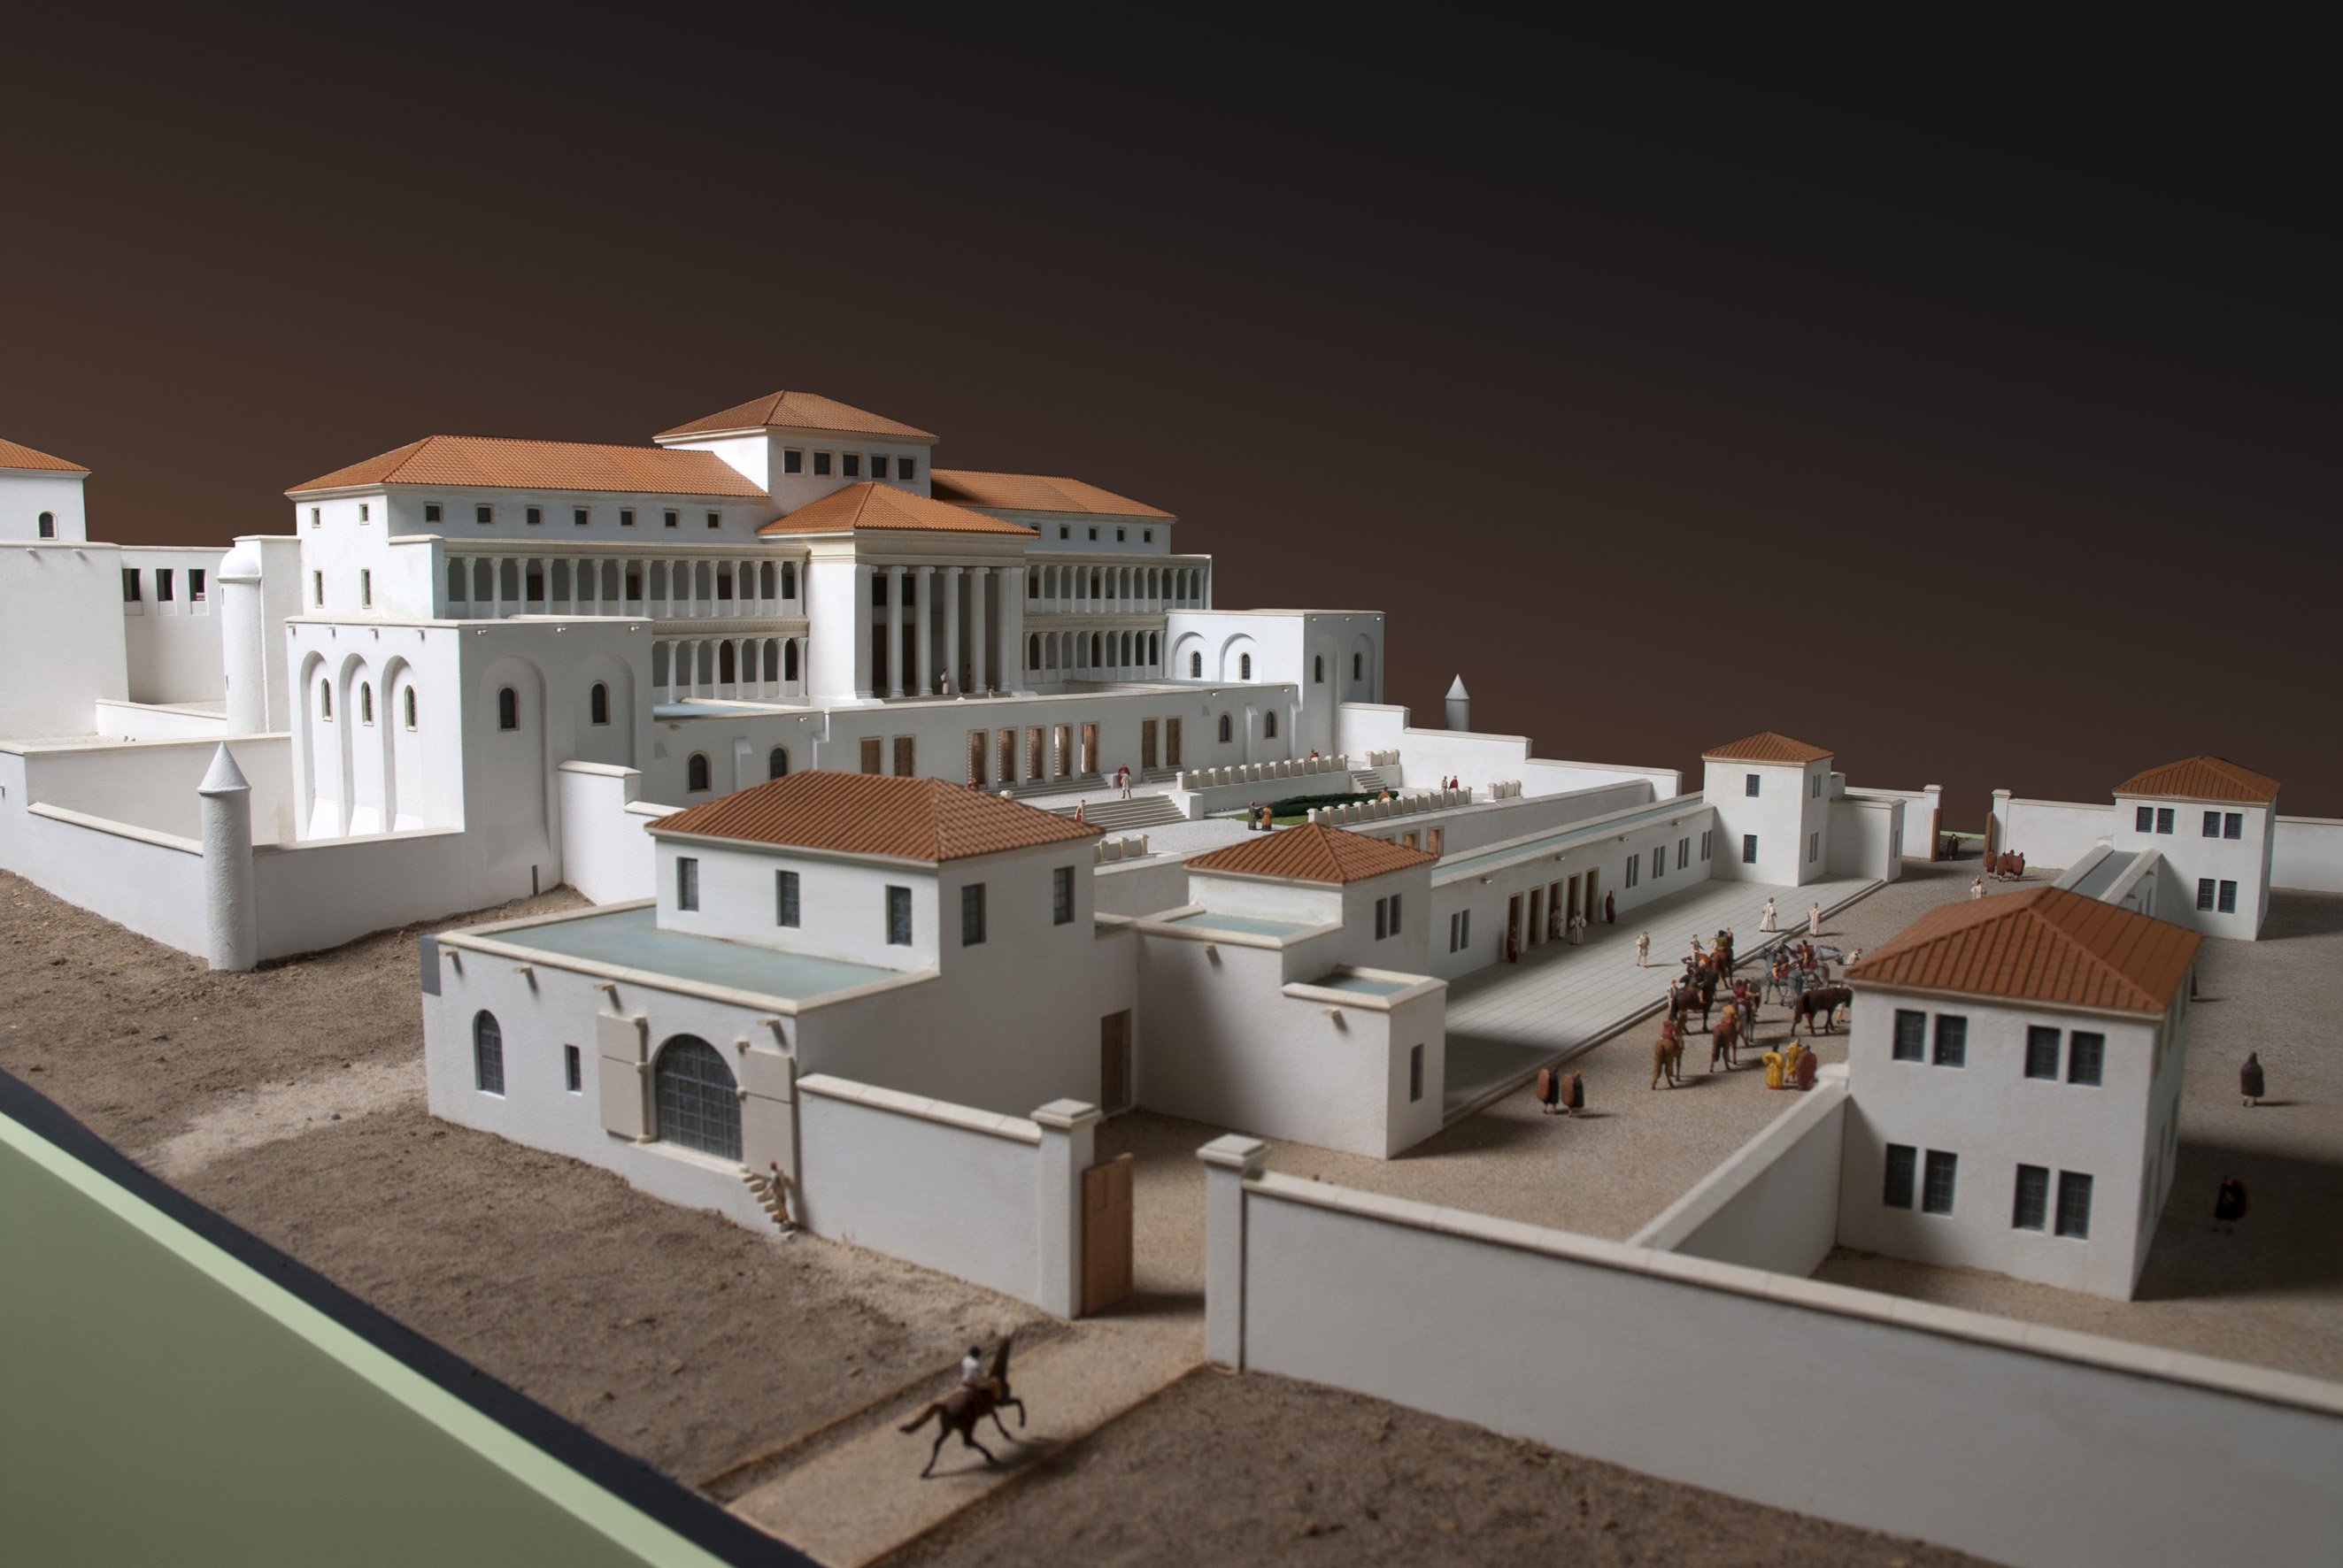 Une villa romaine pendant l'Antiquité